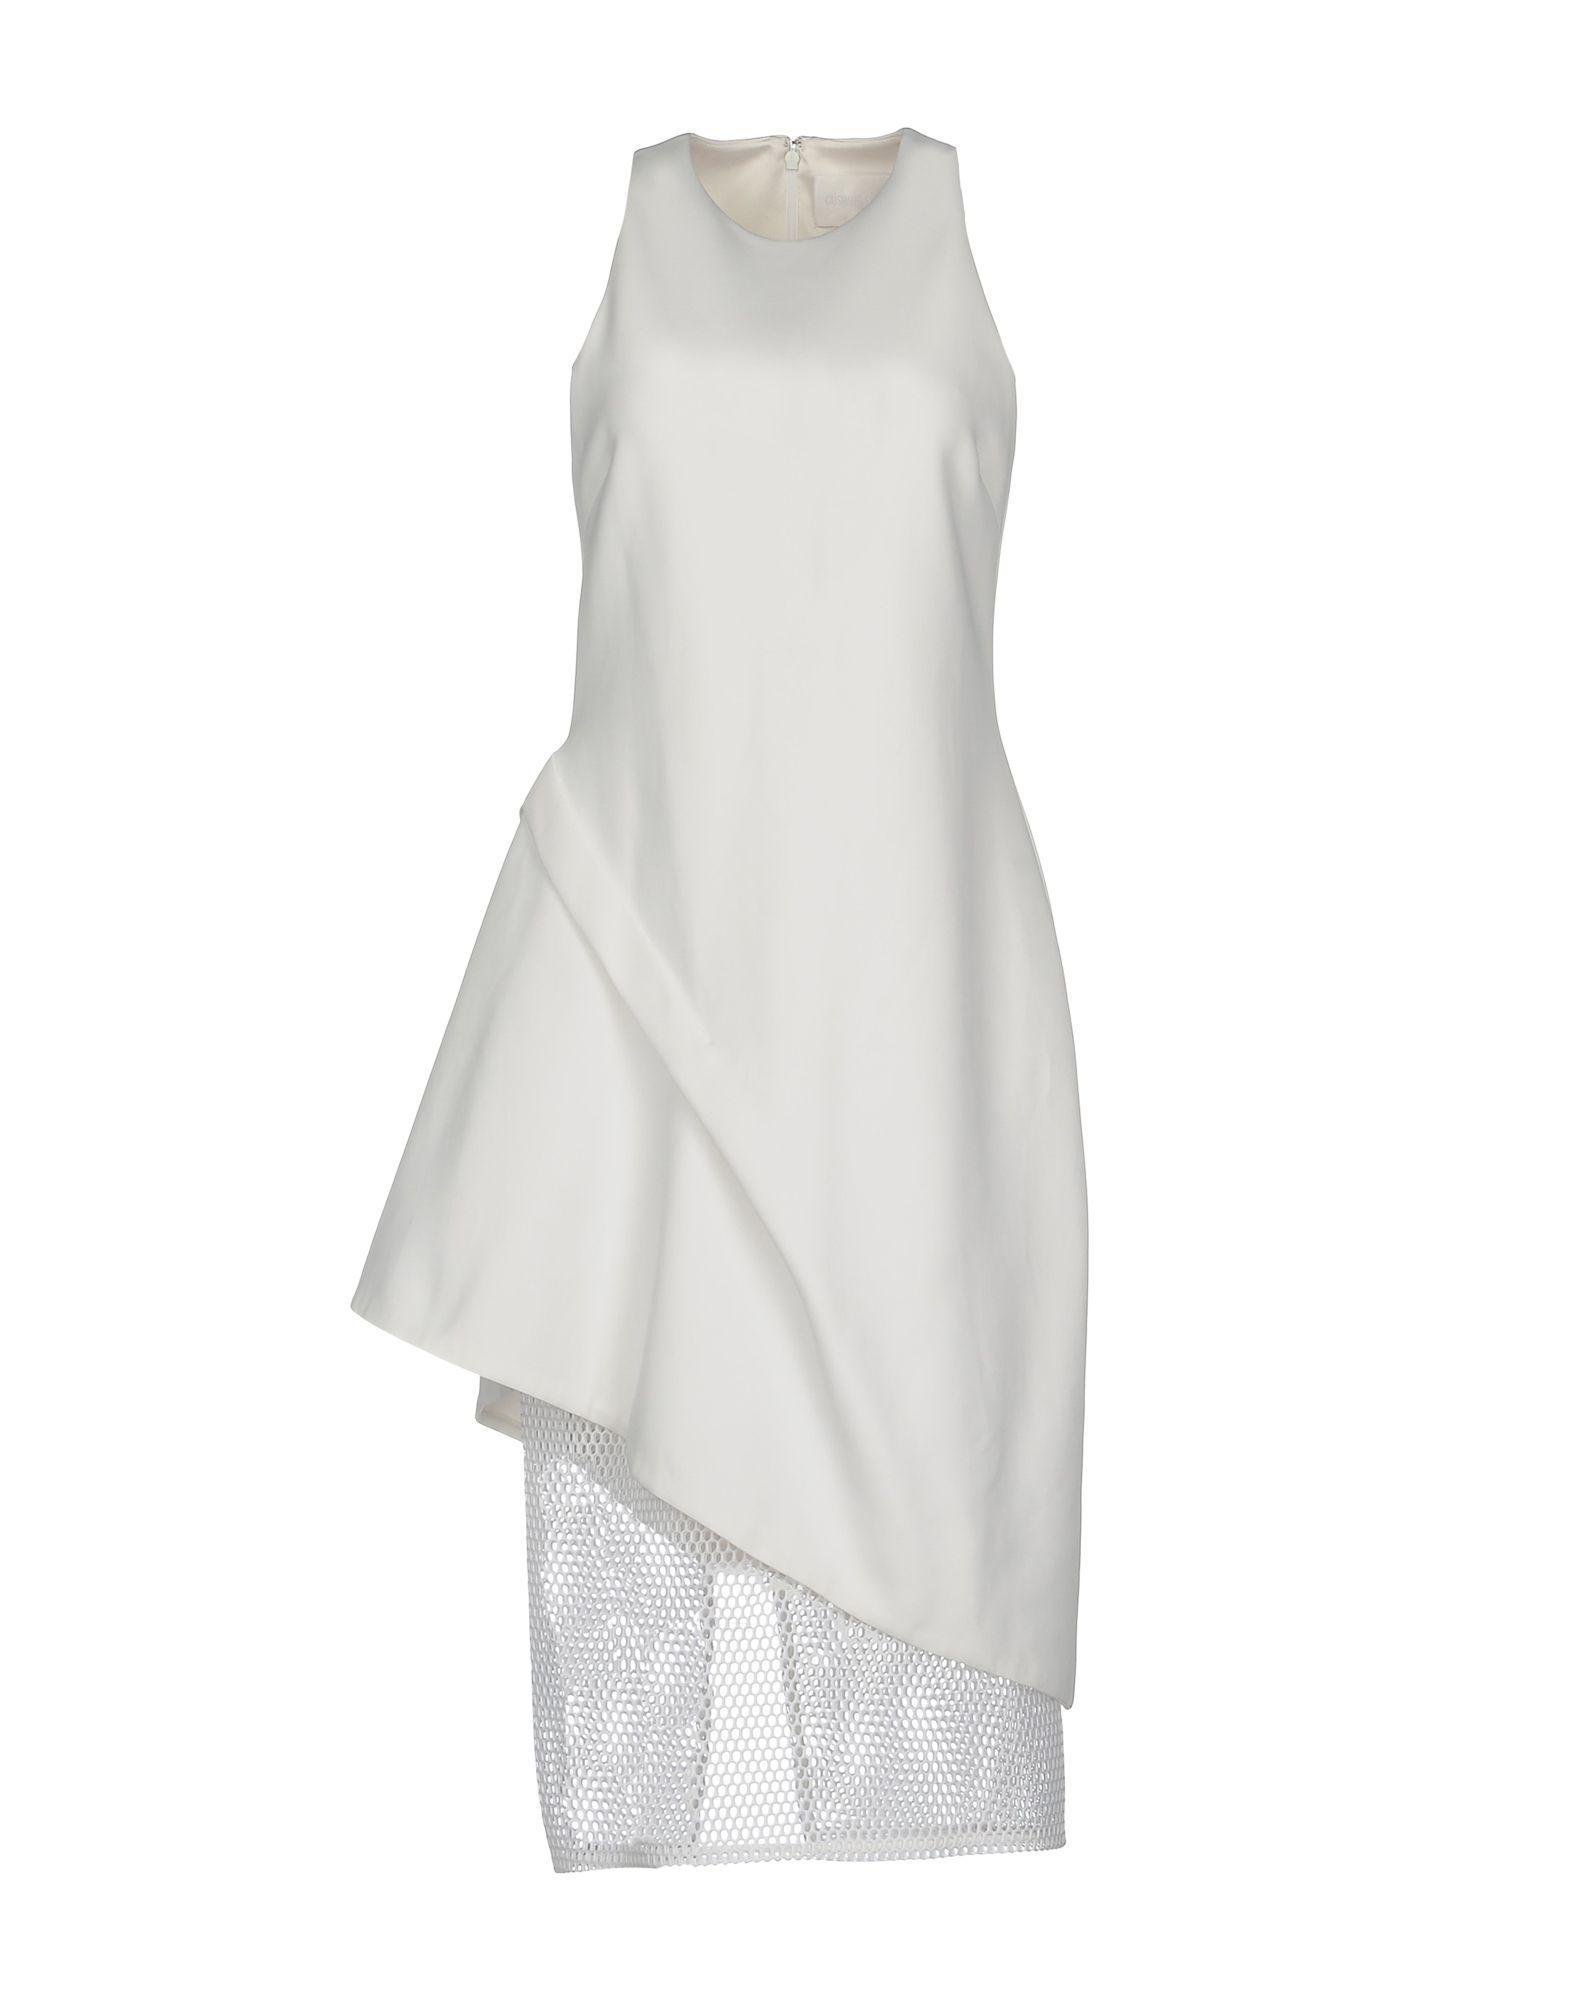 Cushnie Et Ochs Knee-Length Dress In White